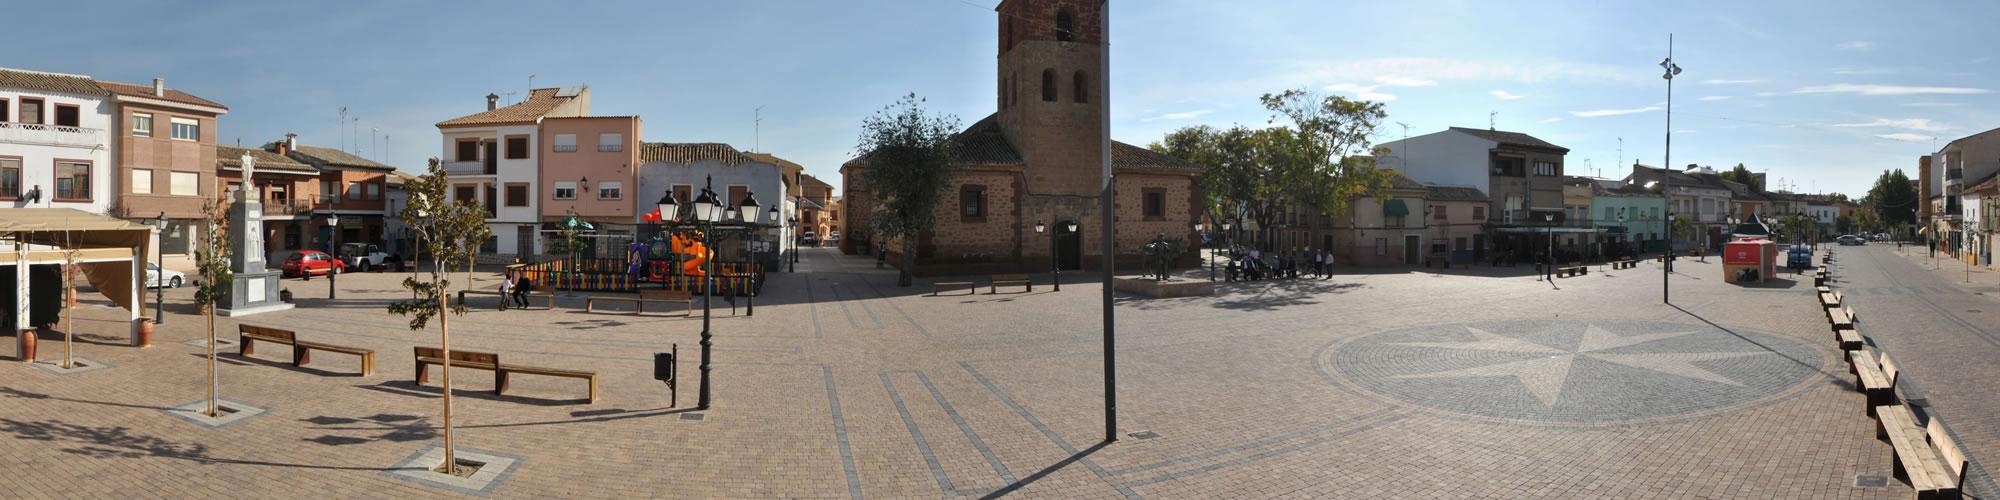 Panorama_plaza_2000x500